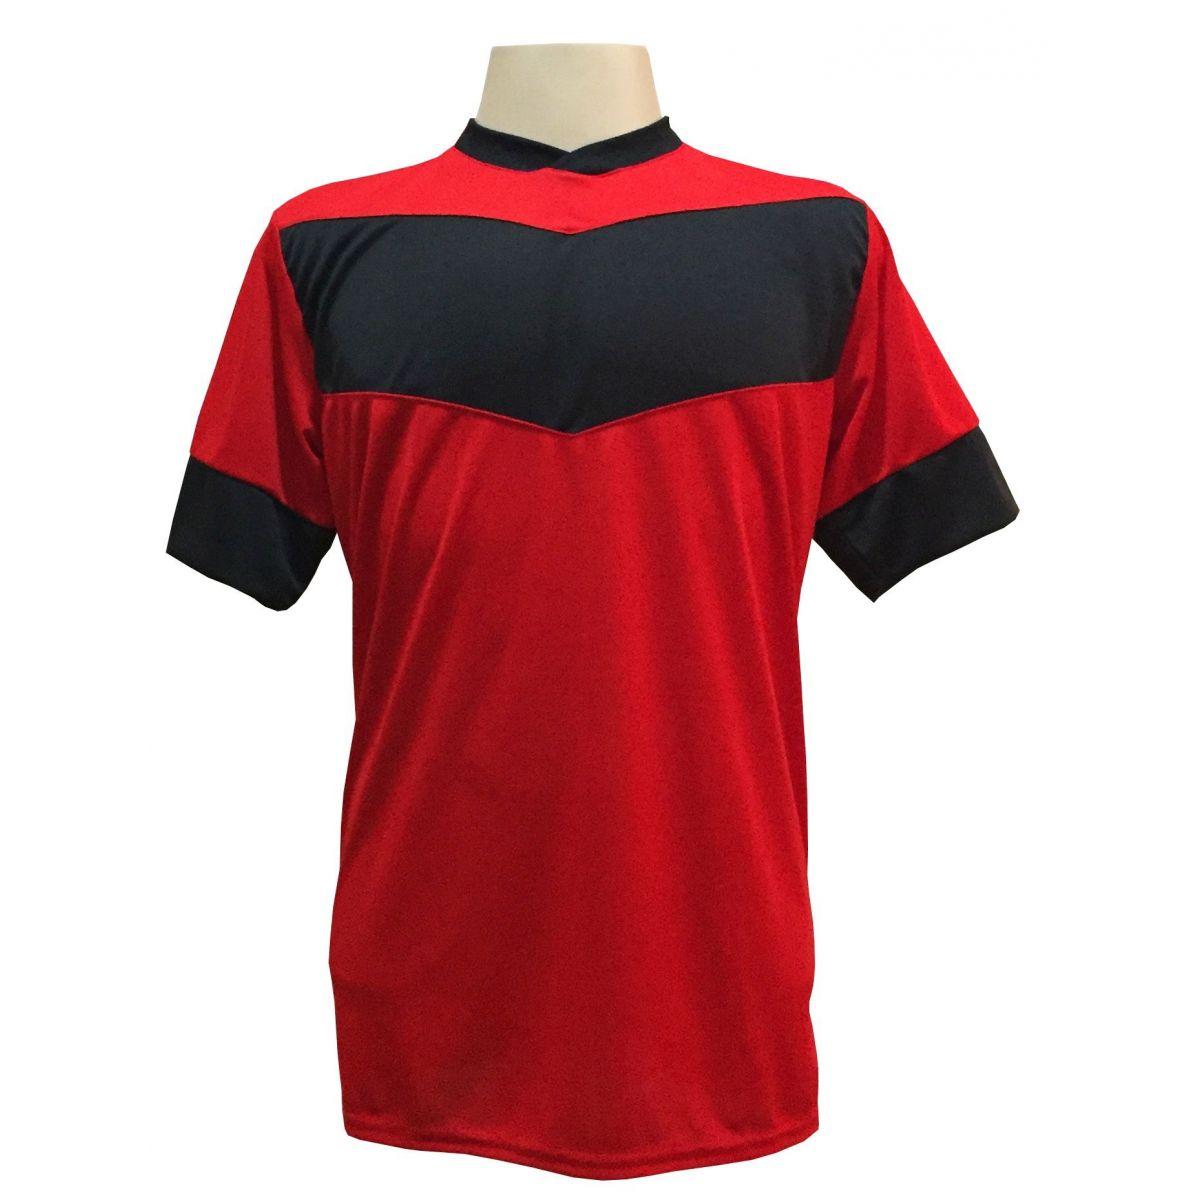 Uniforme Esportivo com 18 camisas modelo Columbus Vermelho/Preto + 18 calções modelo Madrid Preto + Brindes